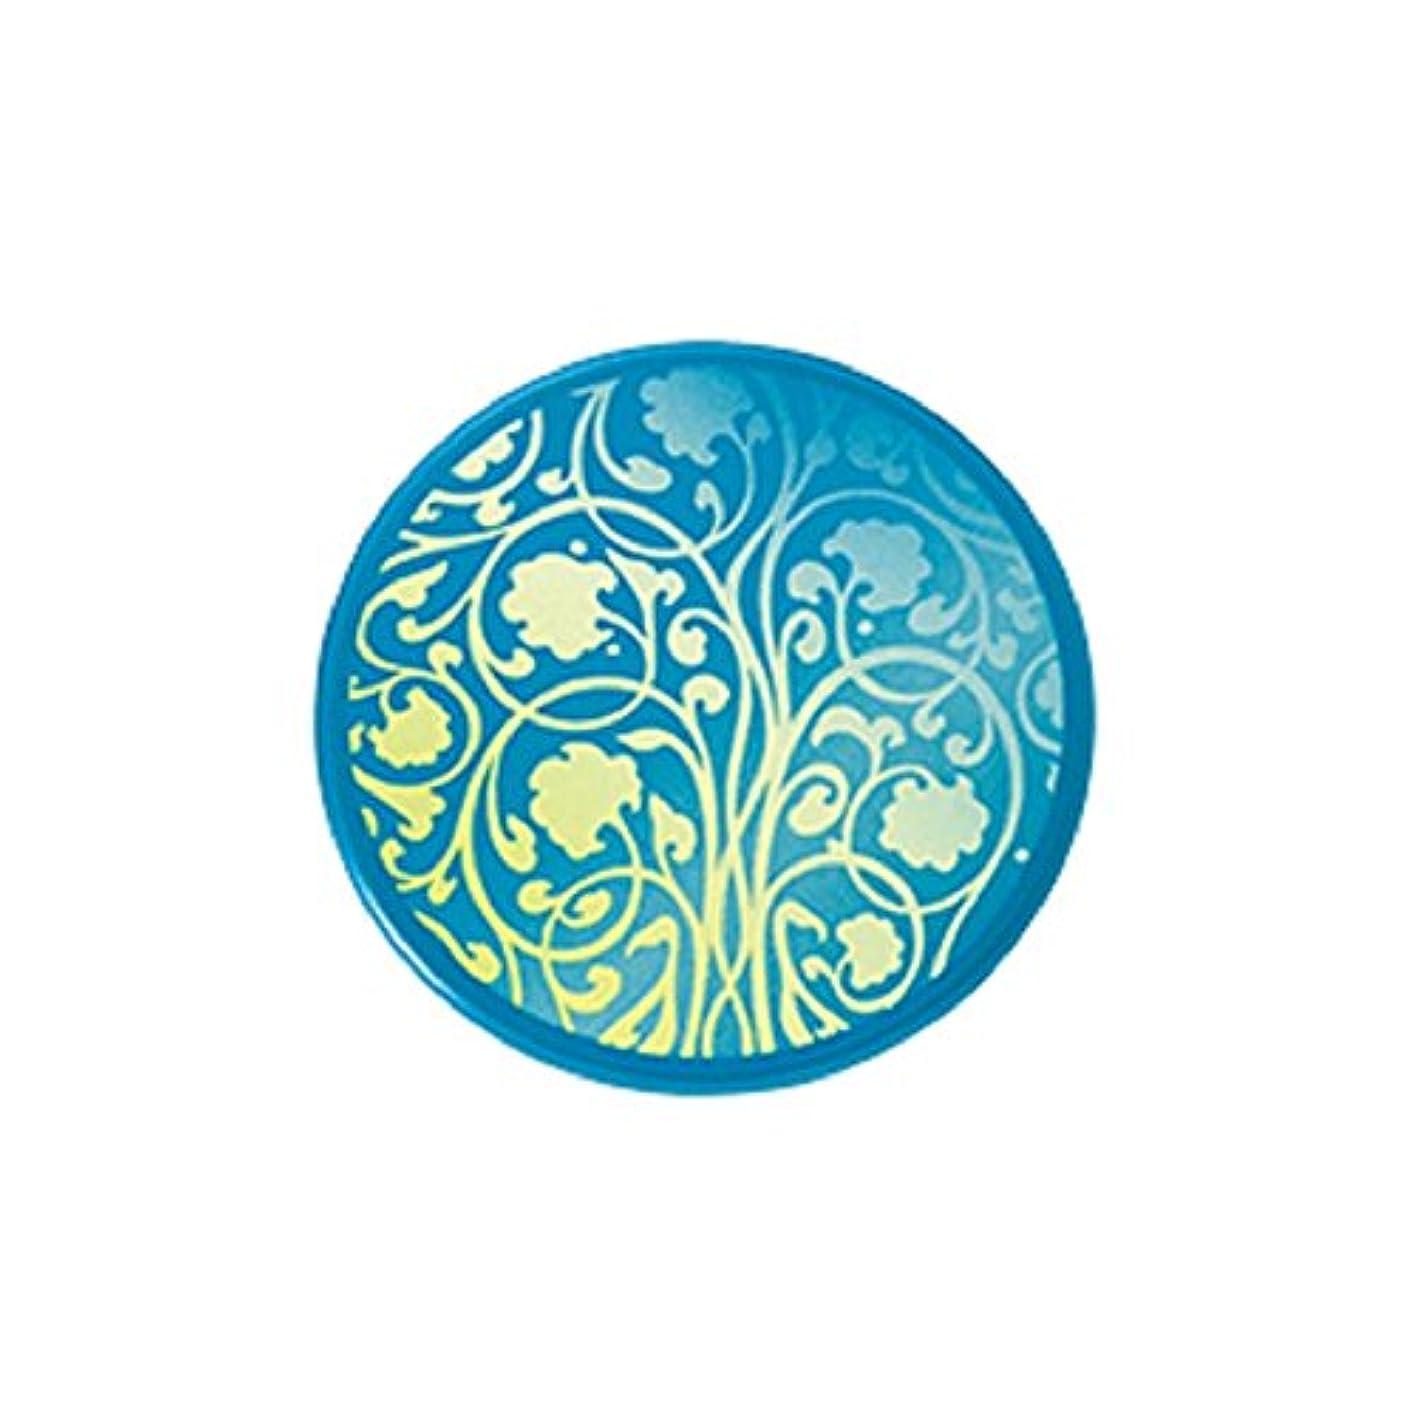 グラマー促す写真のアユーラ (AYURA) ウェルフィット アロマバーム 14g 〈ソリッドパヒューム〉 心地よい森林の香気